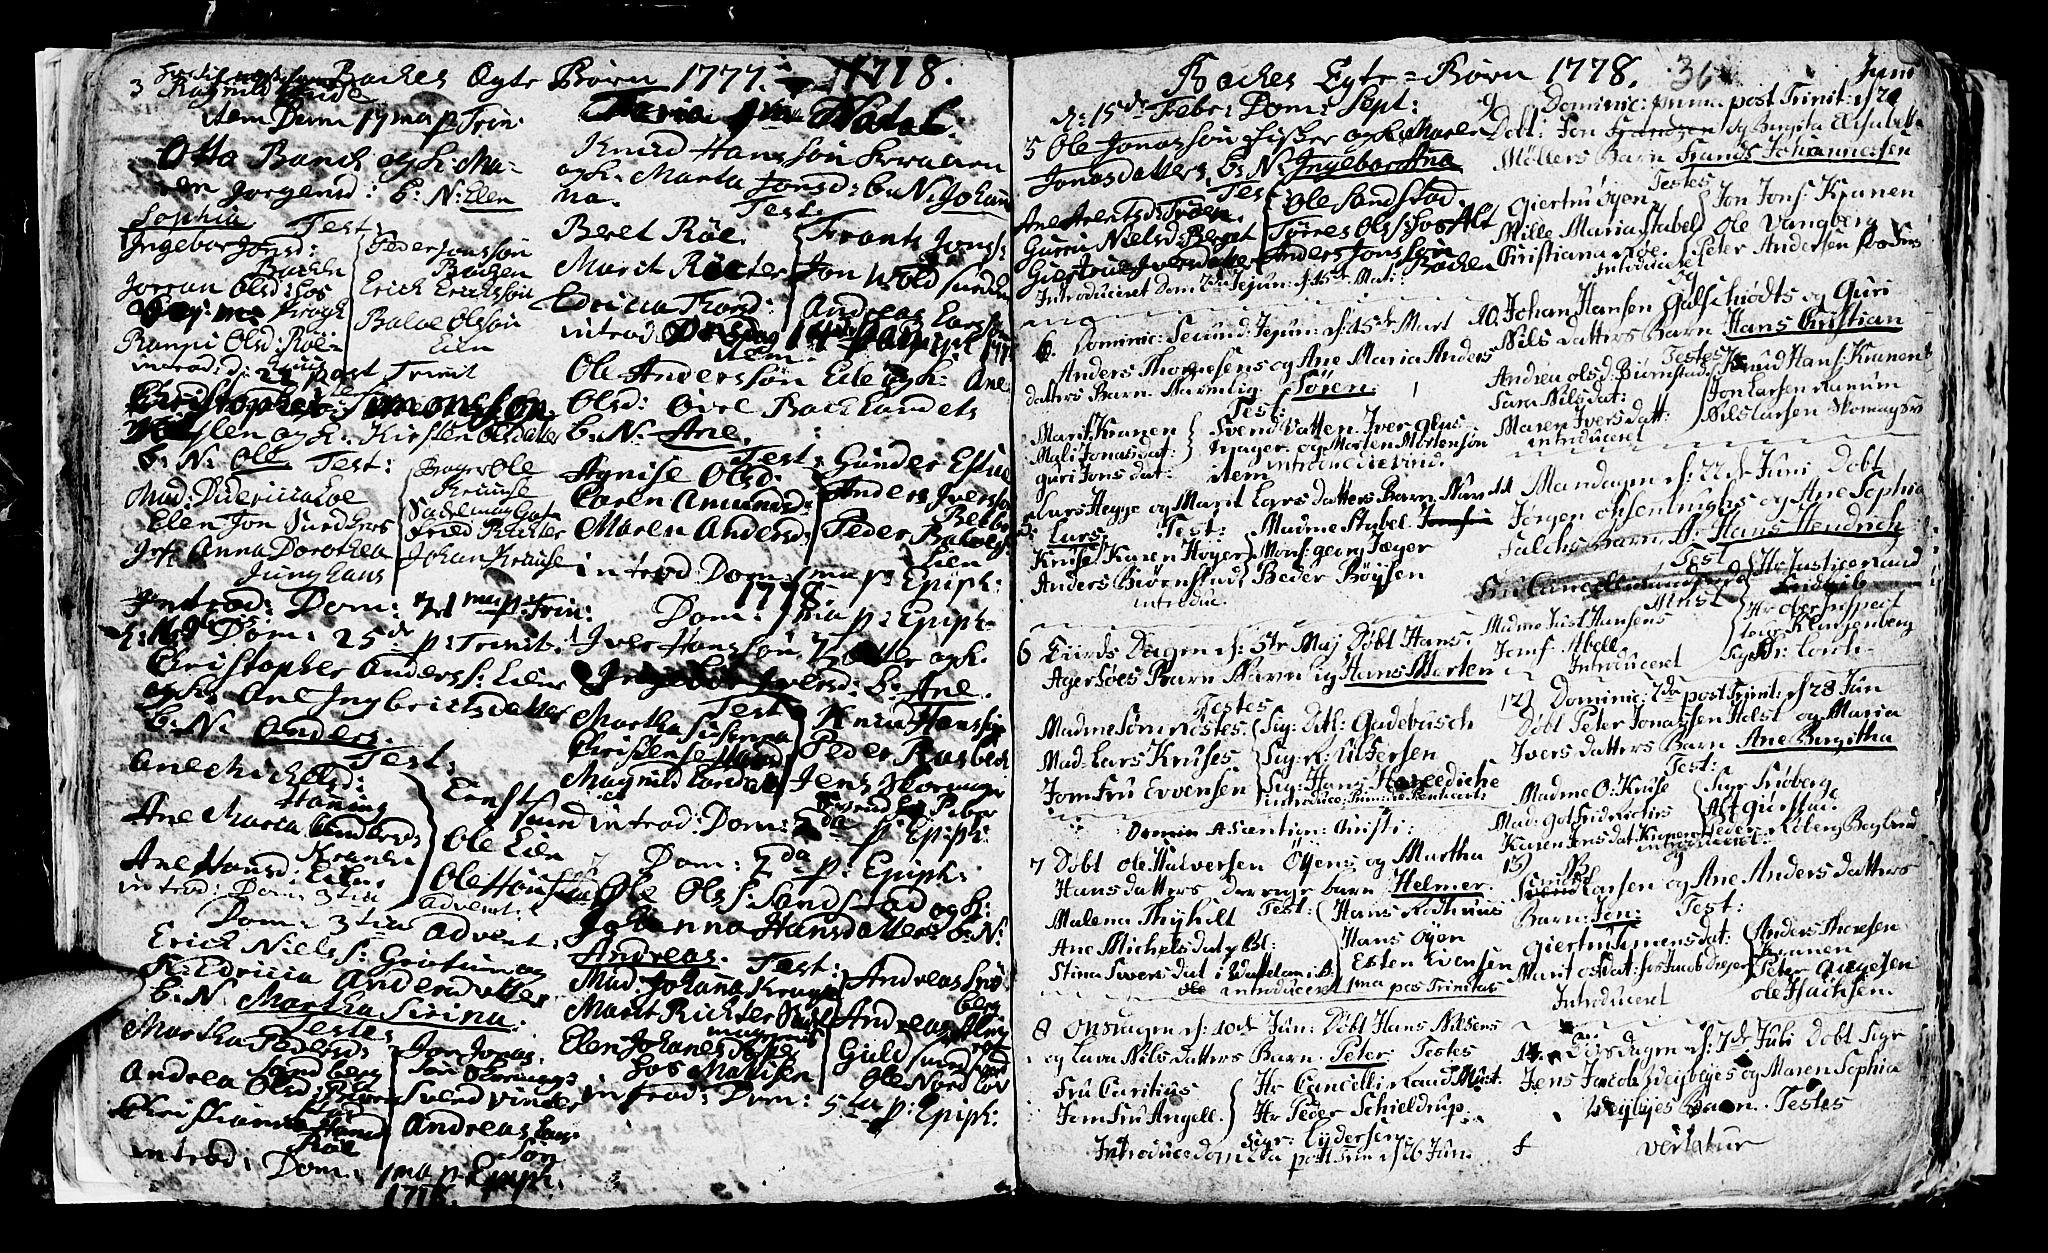 SAT, Ministerialprotokoller, klokkerbøker og fødselsregistre - Sør-Trøndelag, 604/L0218: Klokkerbok nr. 604C01, 1754-1819, s. 36